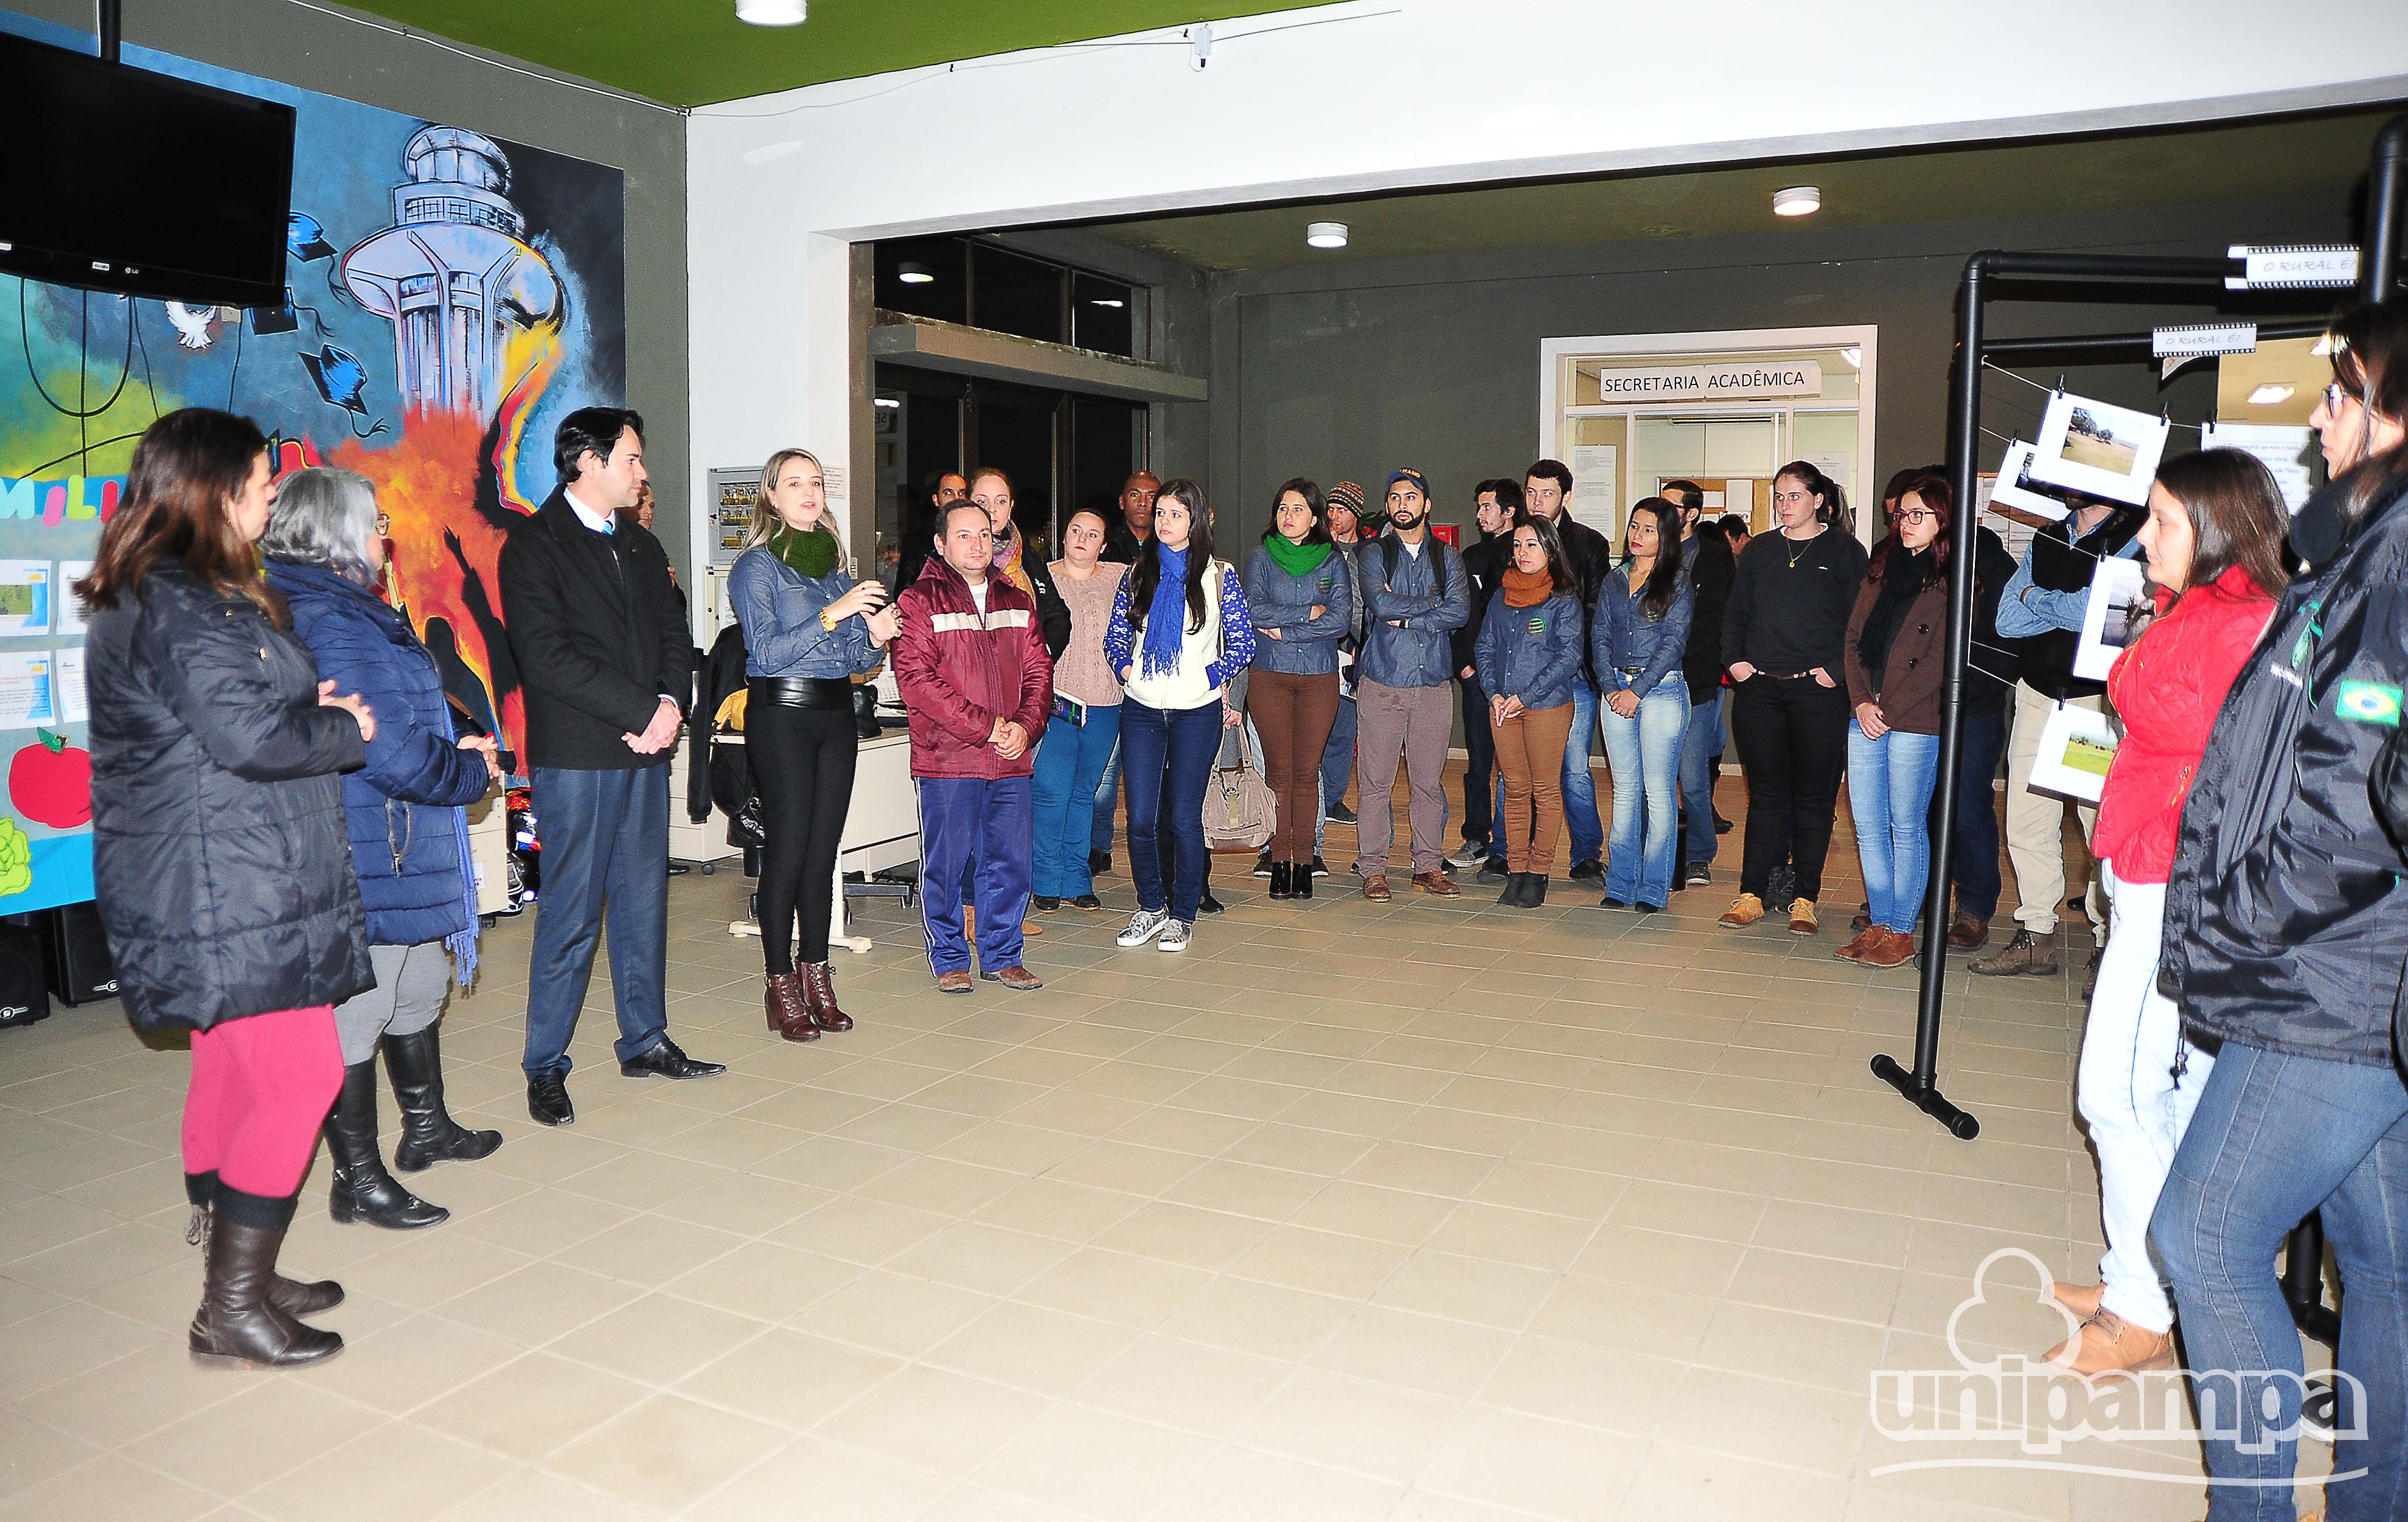 Pessoas em pé, formando um semicírculo durante cerimônia de abertura do evento